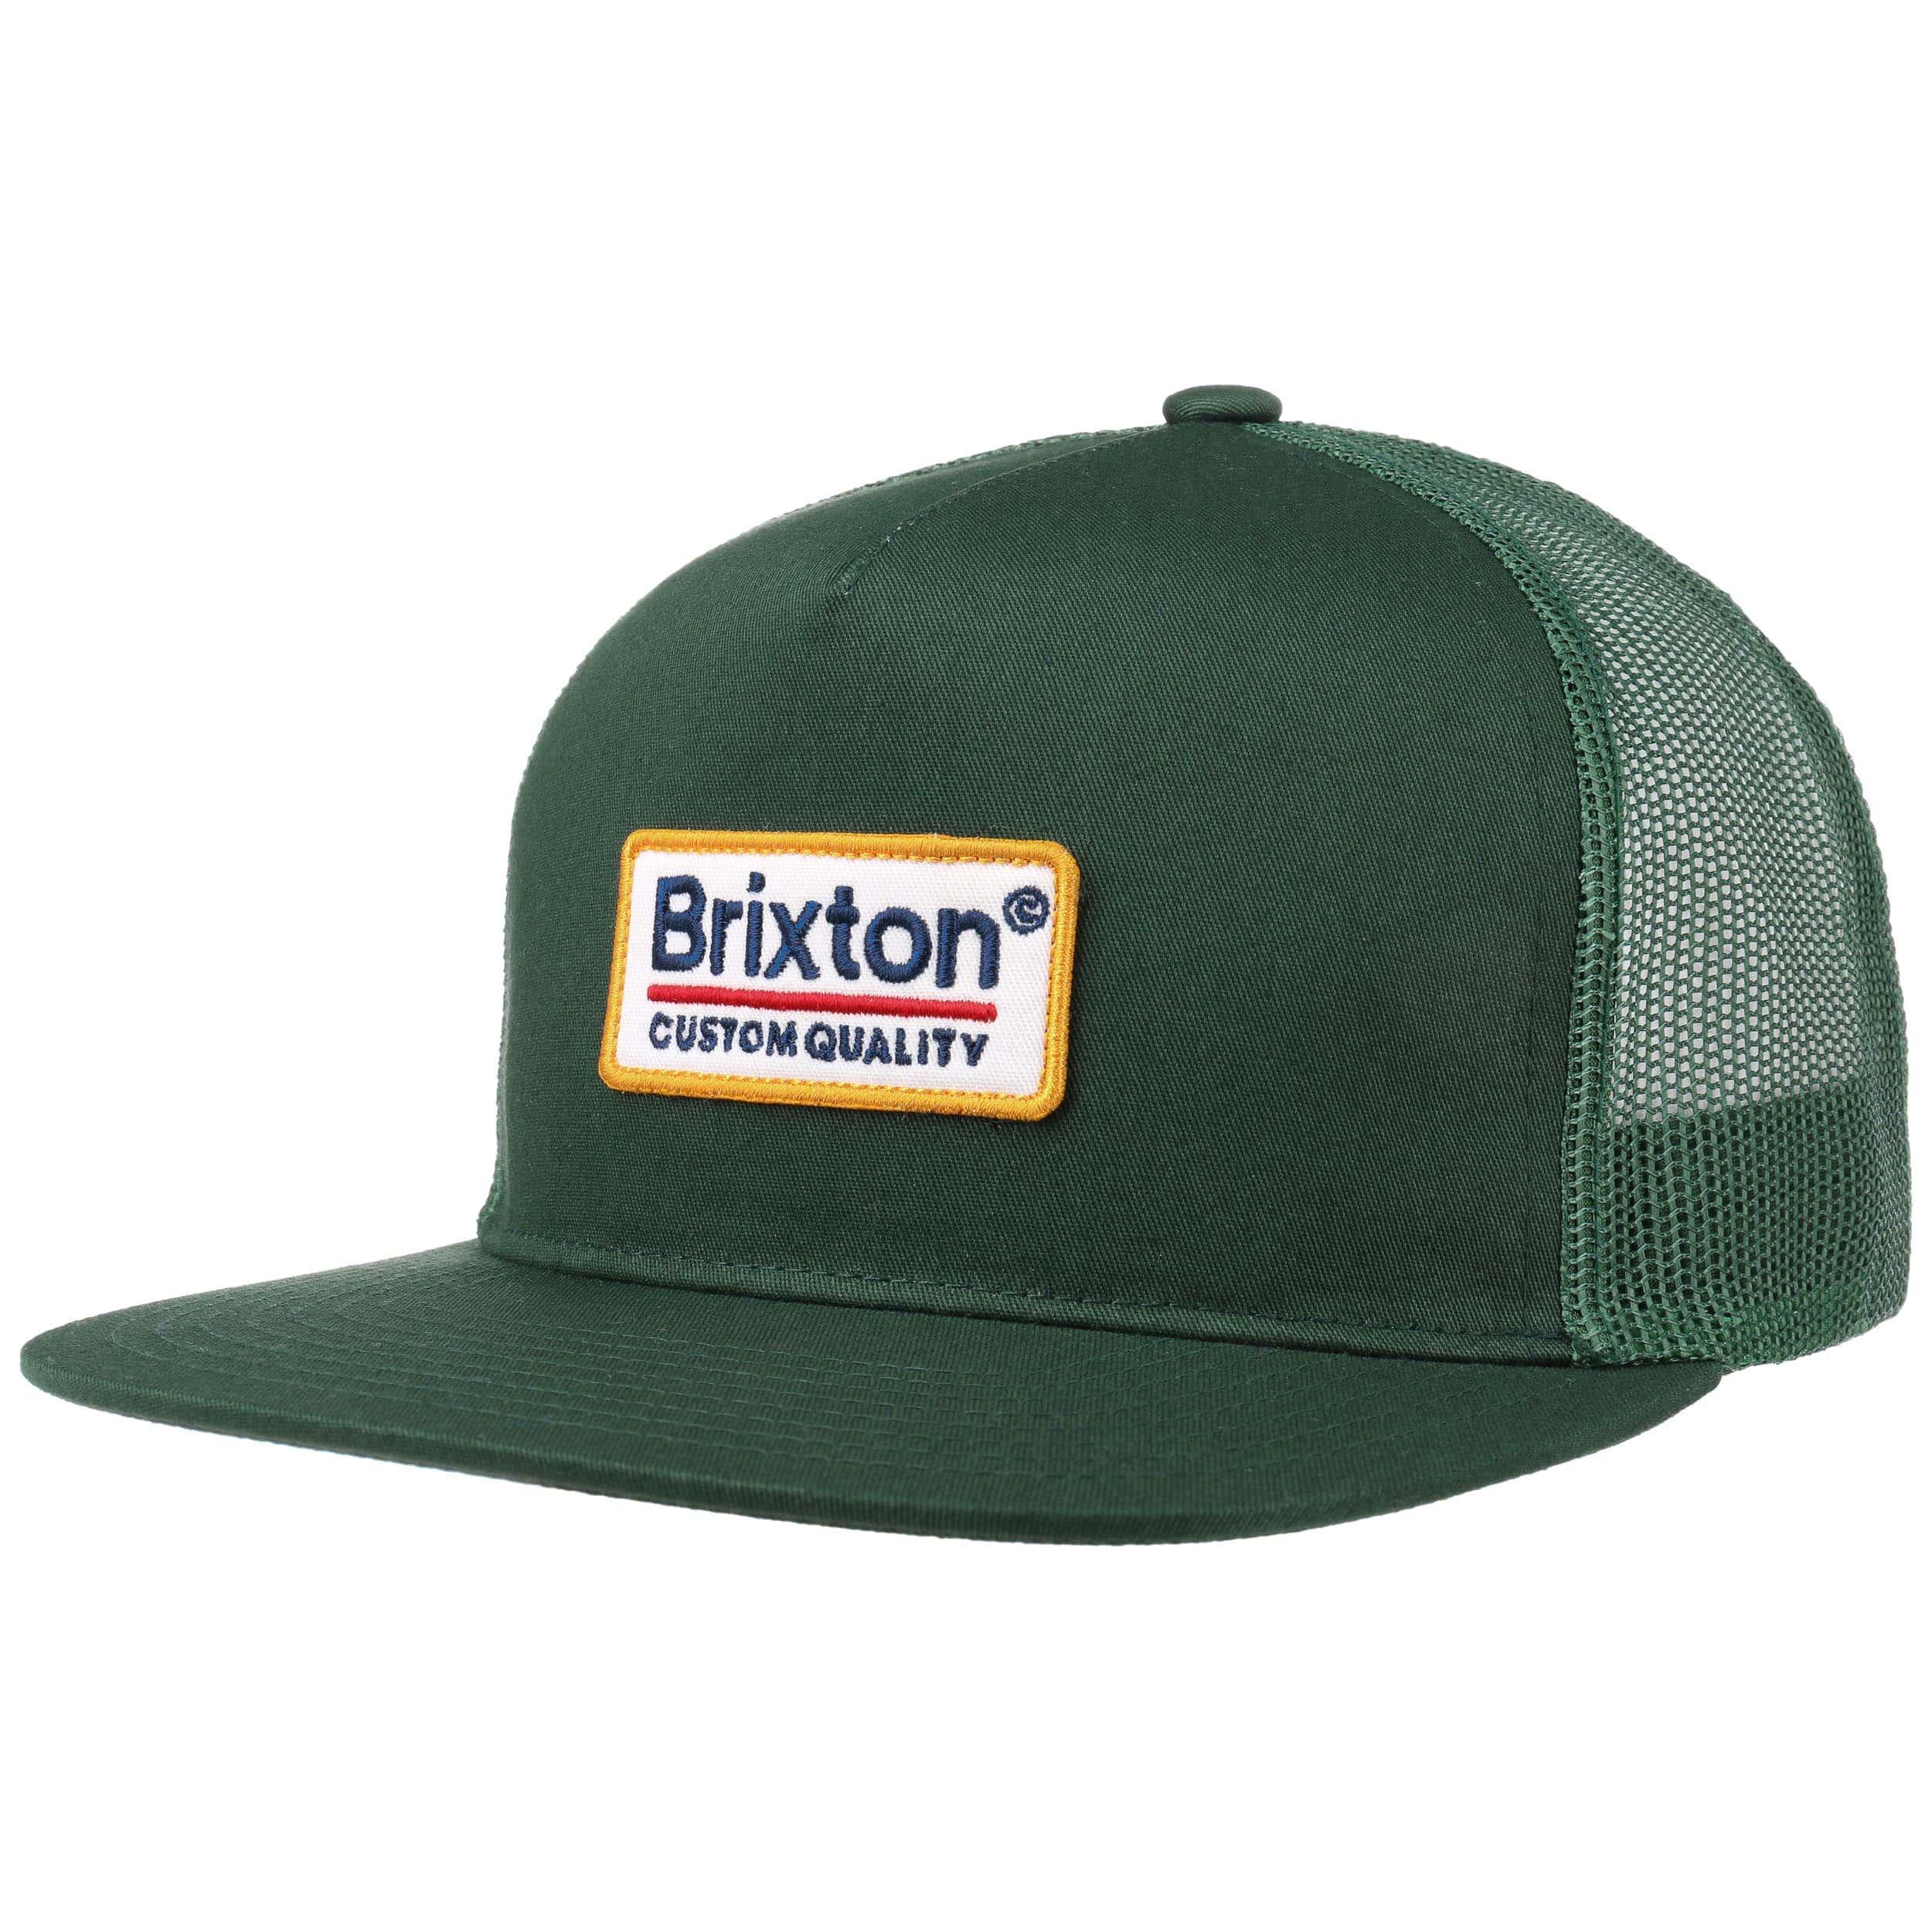 0e7a25d78f7 ... Palmer Mesh Cap by Brixton - dark green 6 ...